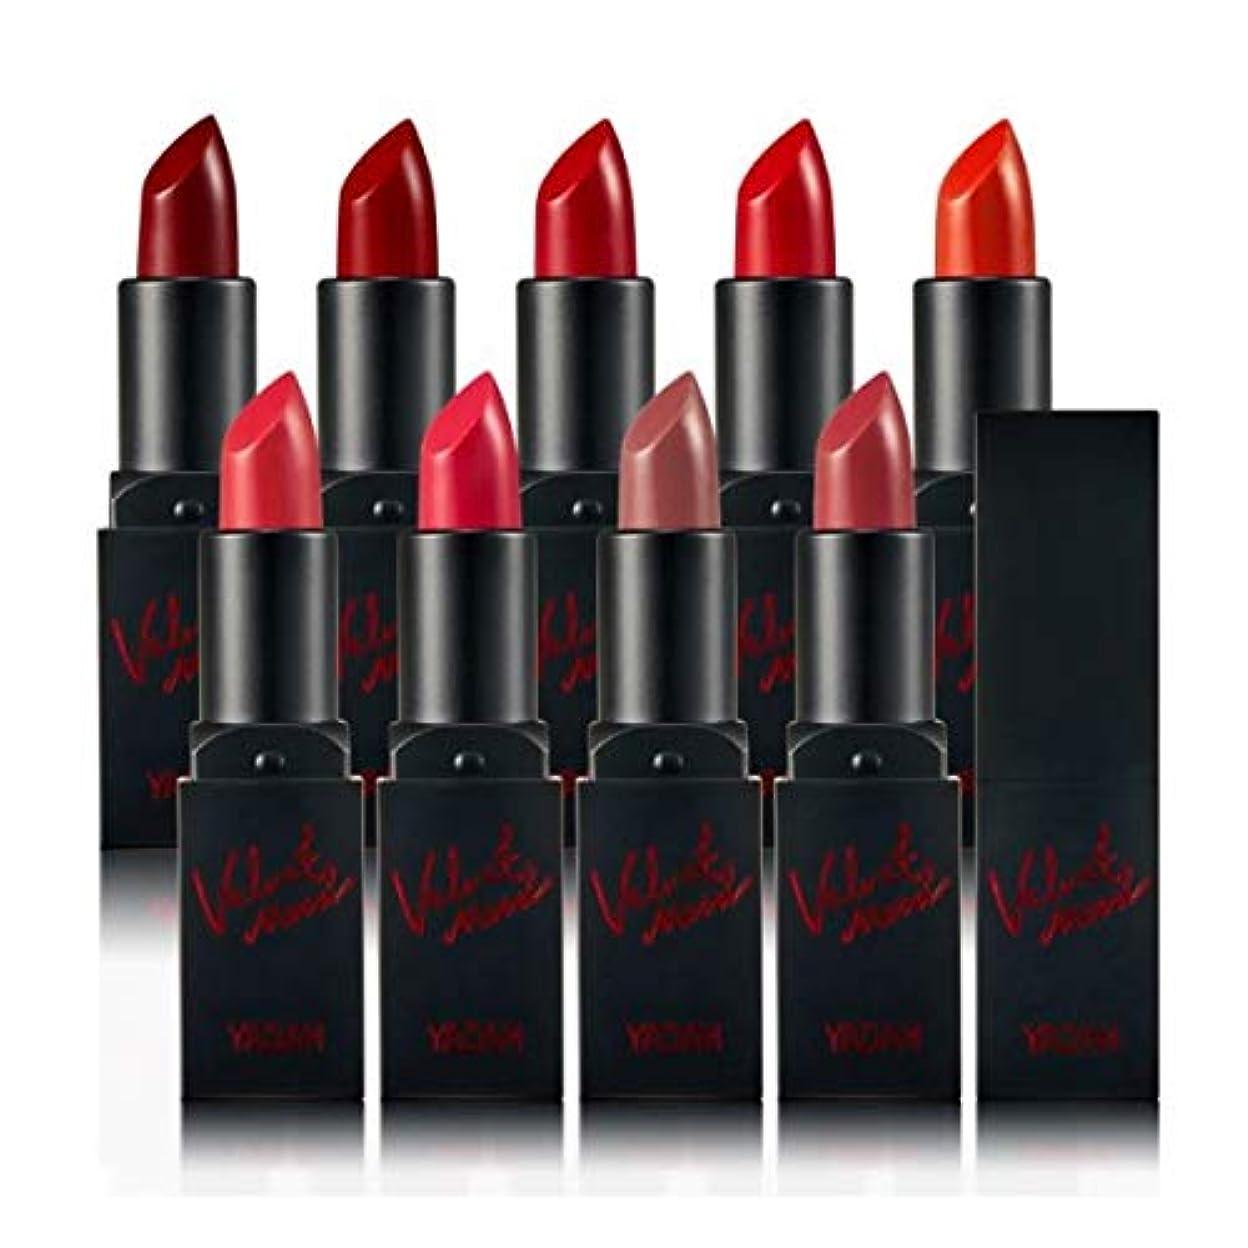 小競り合い請願者ディスパッチYADAH Velvet Mood Lipstick #04 True Red 3.3g ベルベットムードマットリップスティック - 3.3g[並行輸入品]